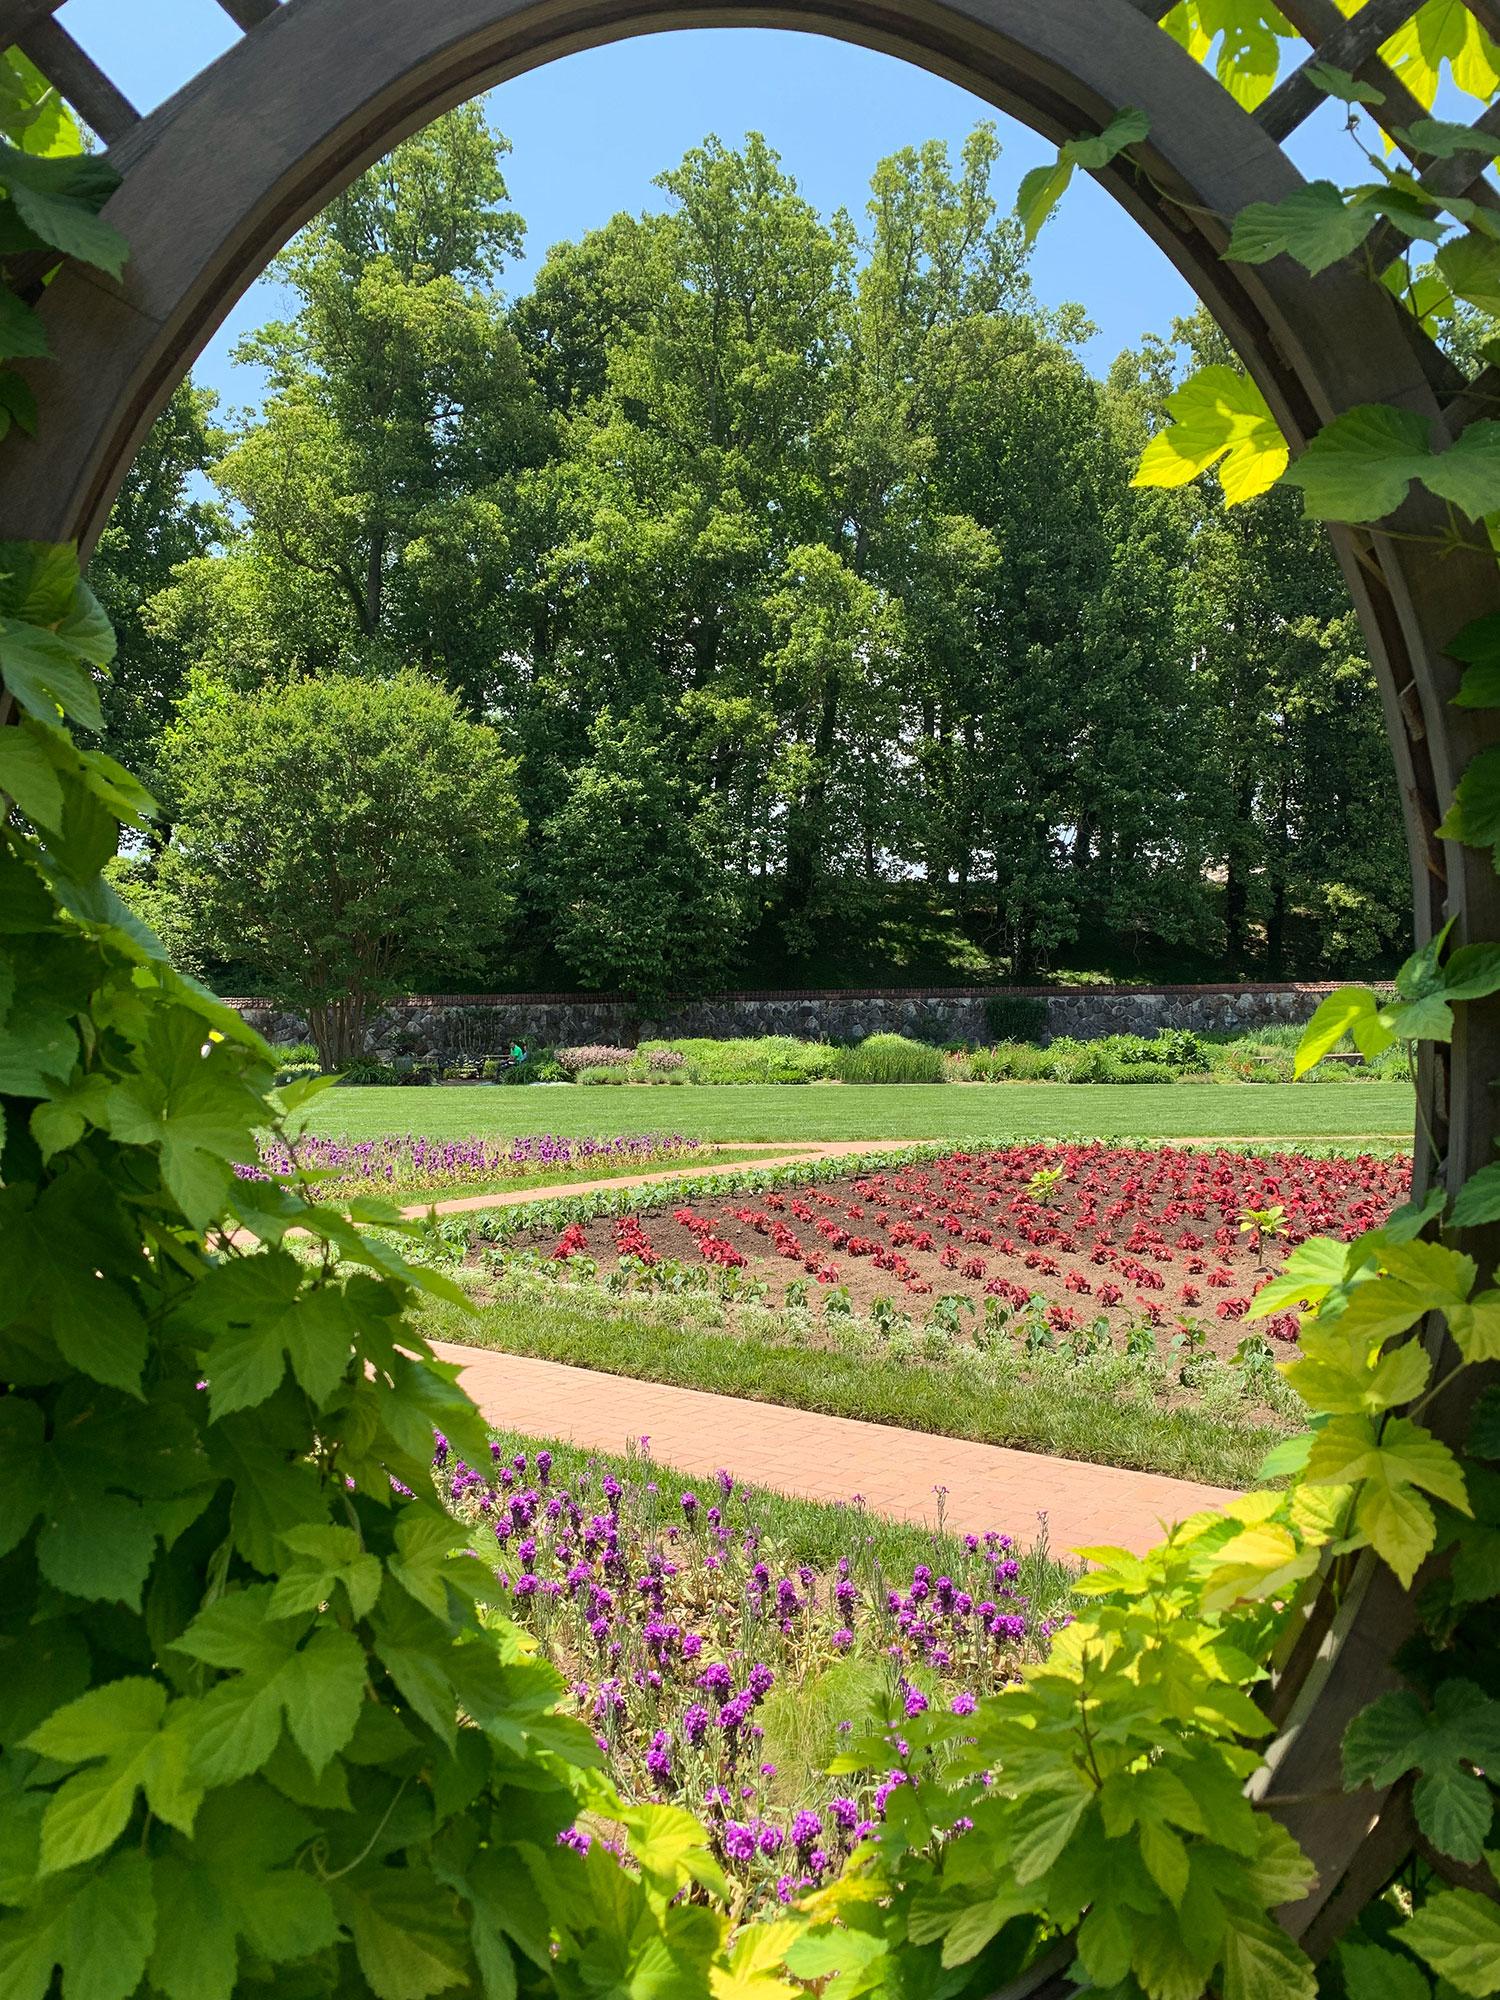 Biltmore Gardens Seen Through Trellis